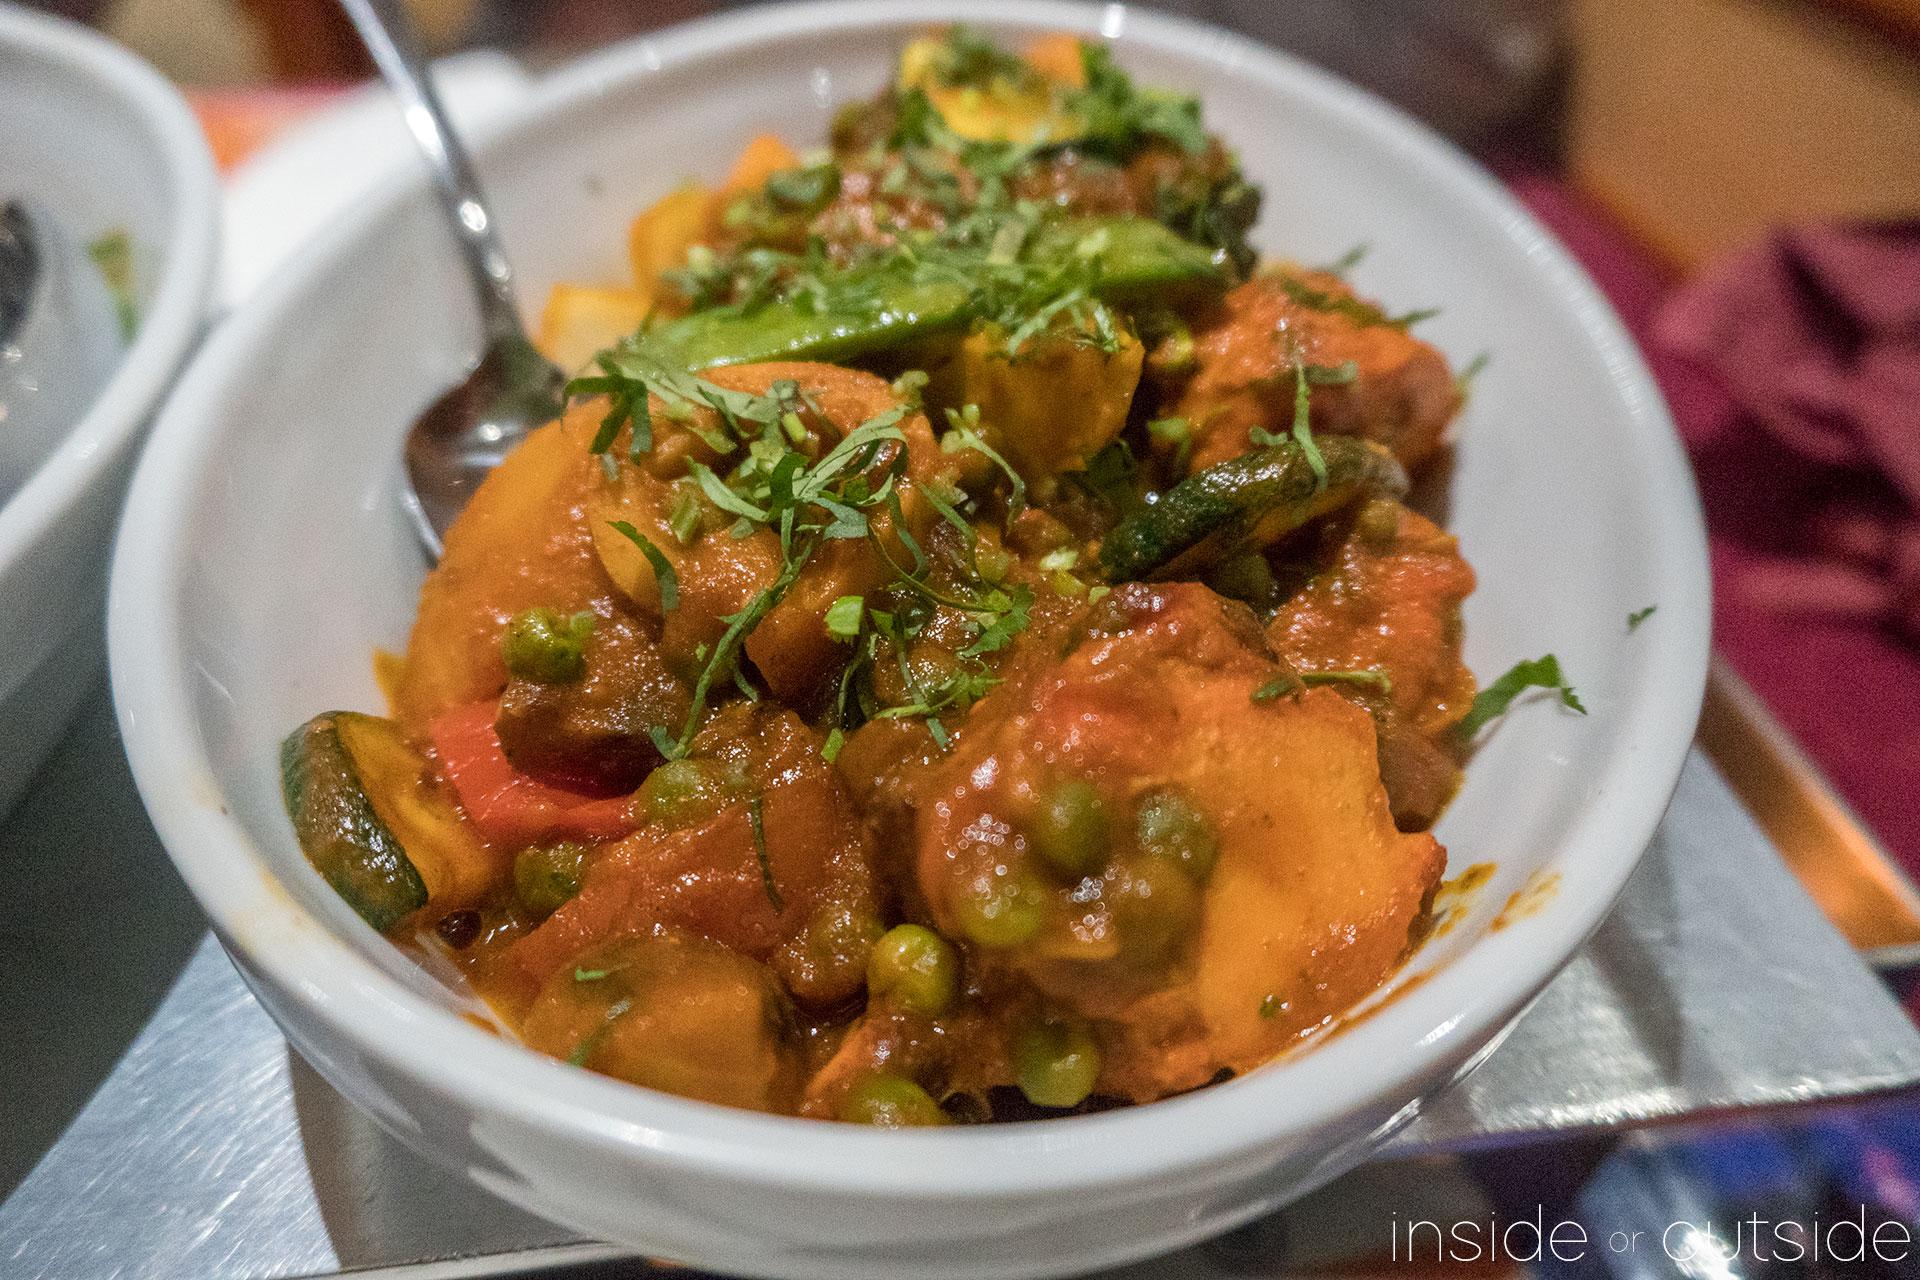 Pokhara ChefsChoice